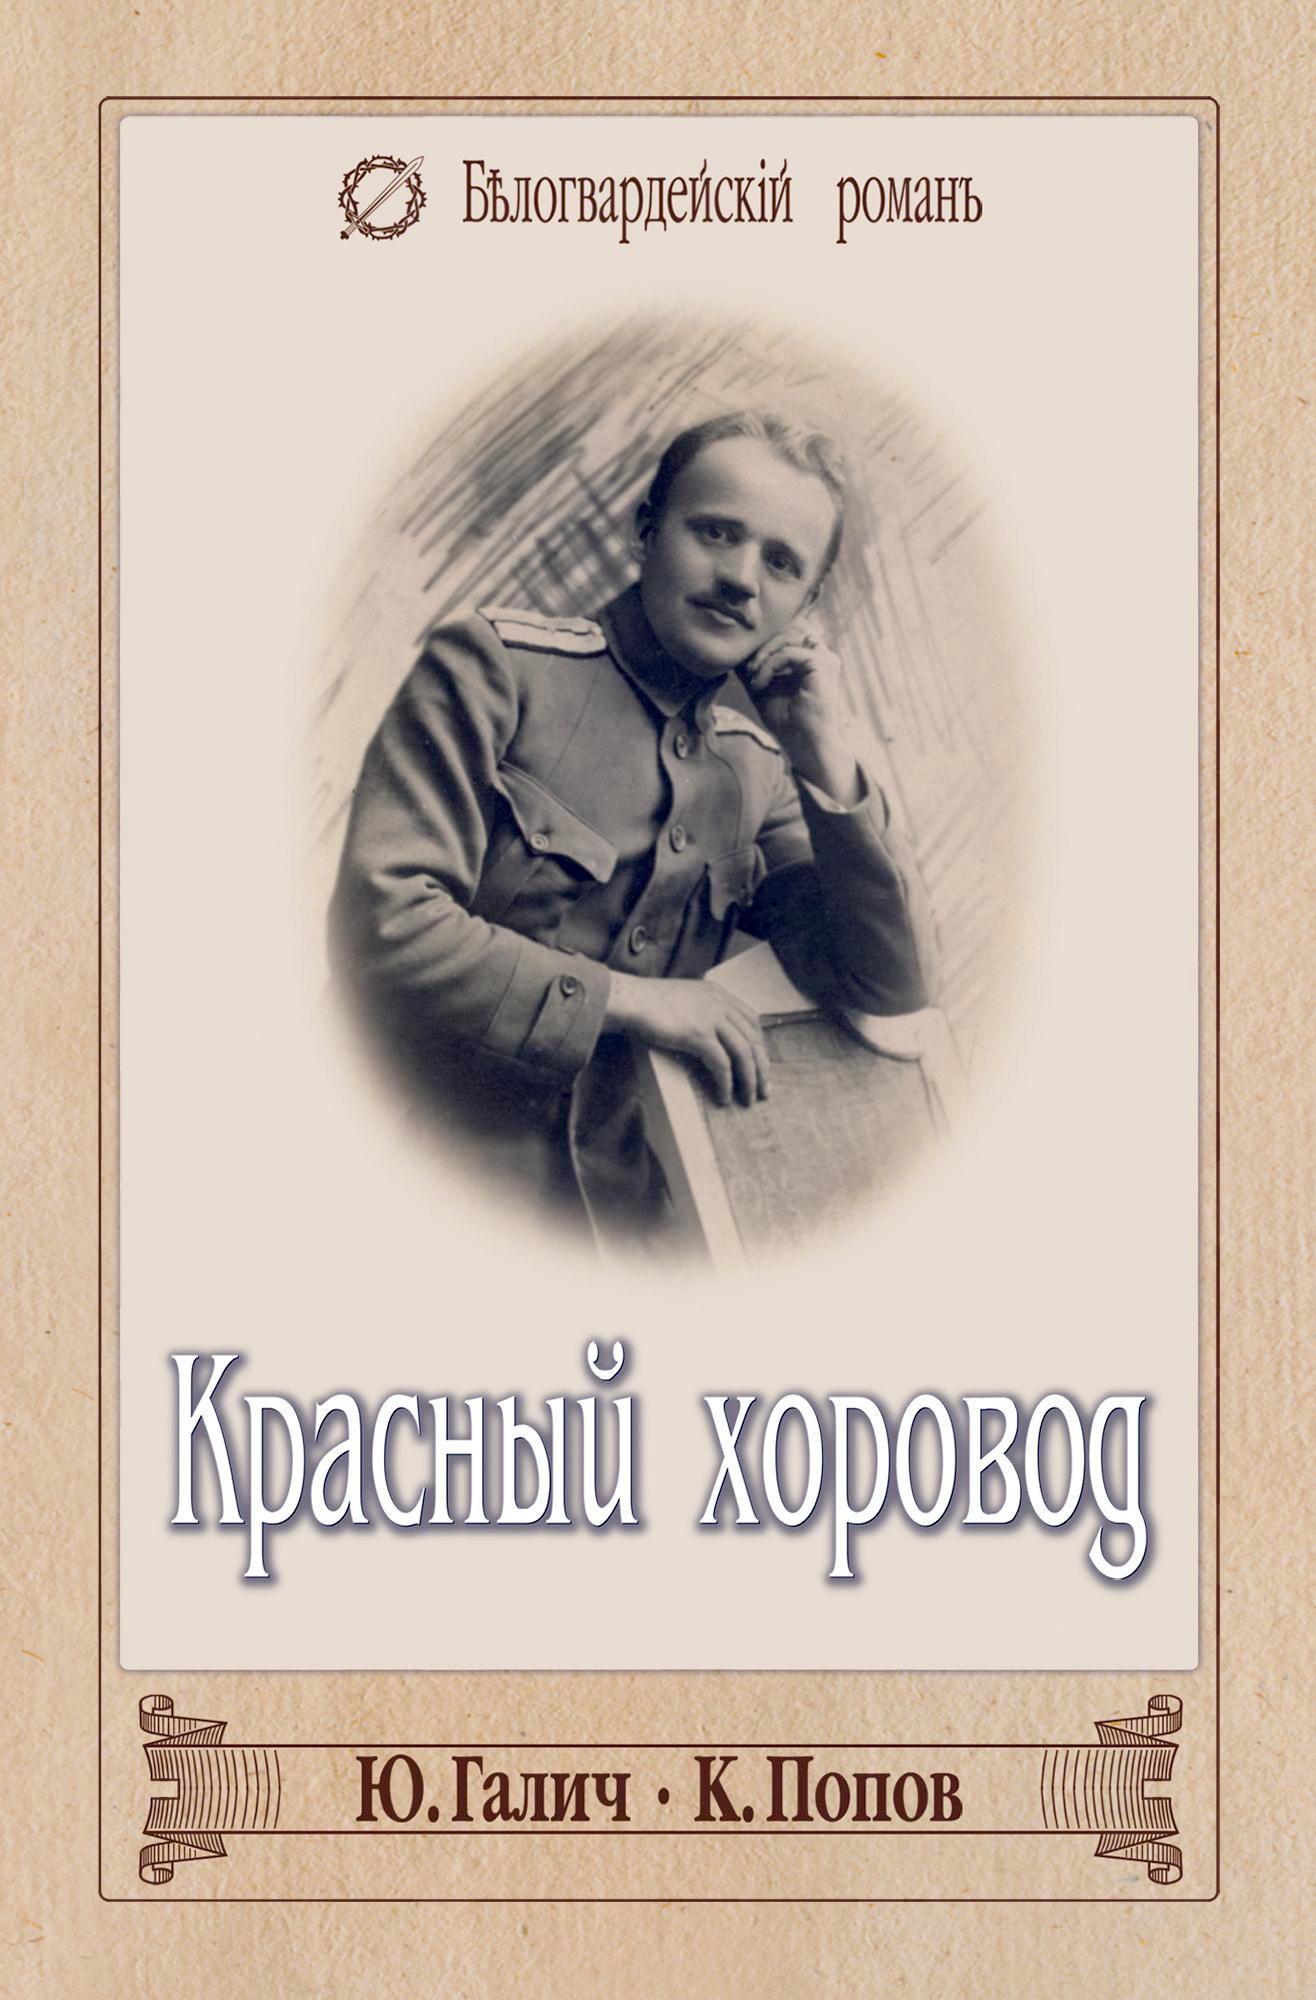 krasnyy khorovod sbornik